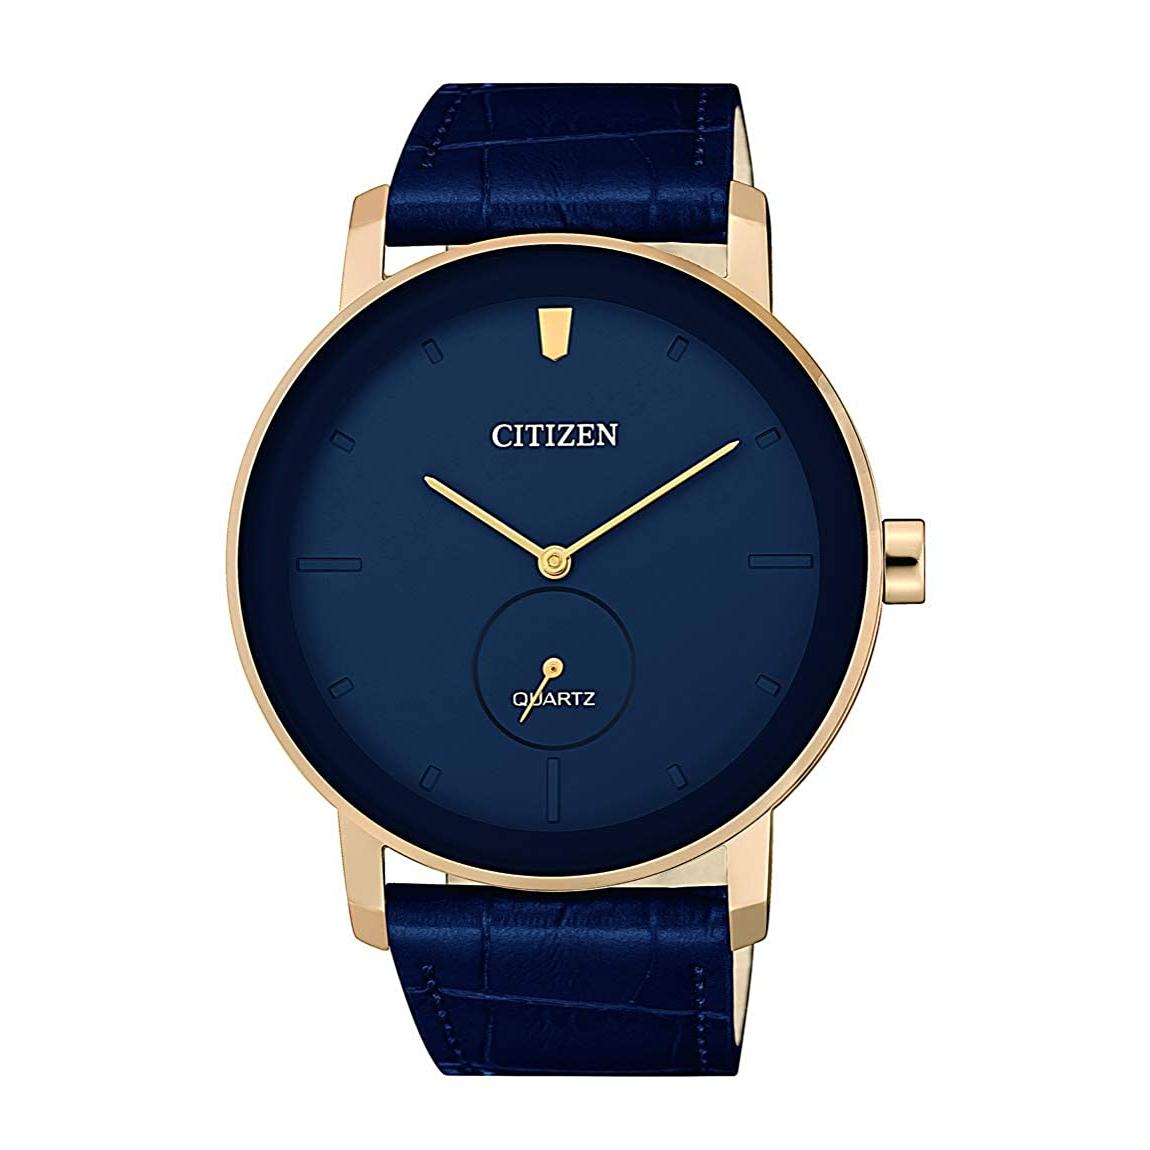 ساعت مچی عقربه ای مردانه سیتی زن کد BE9183-03L              خرید (⭐️⭐️⭐️)